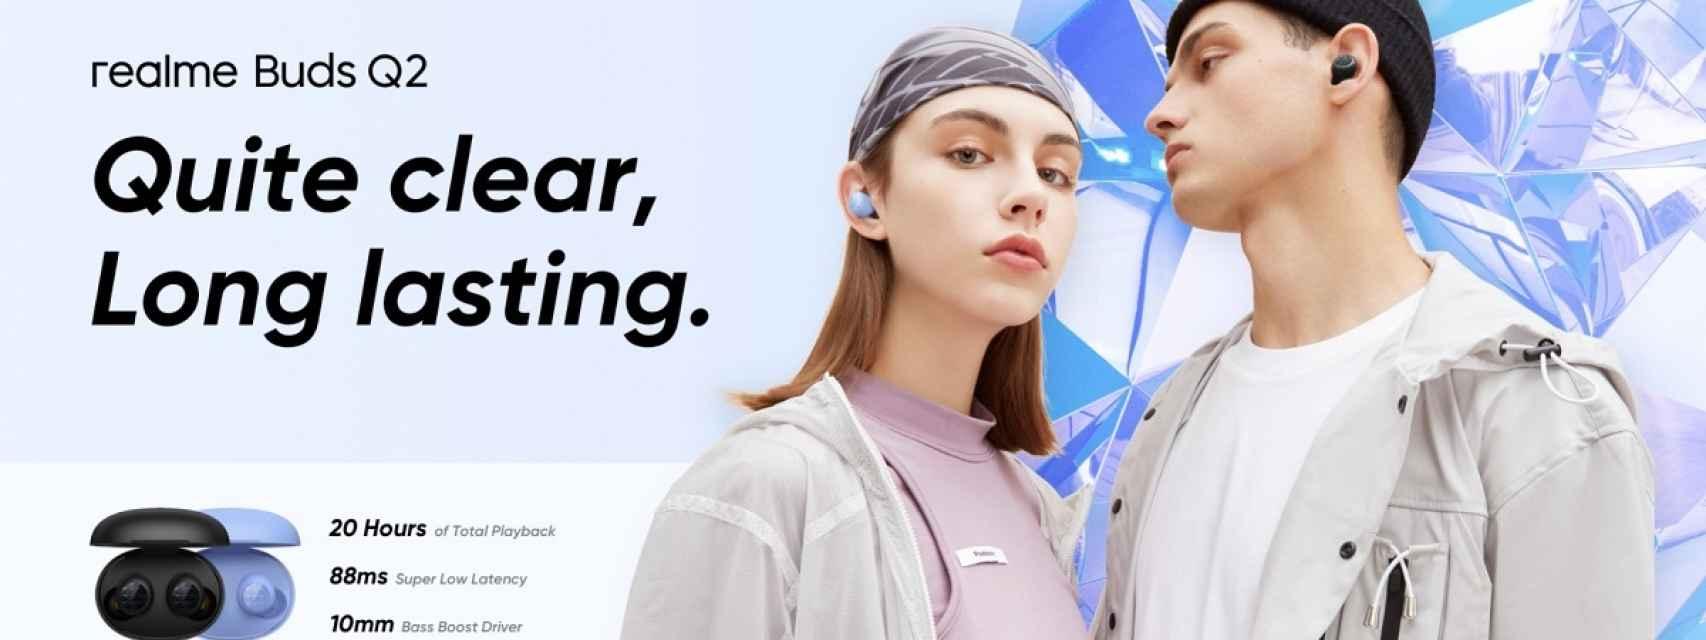 Nuevos realme Buds Q2: unos auriculares TWS con 20 horas de autonomía